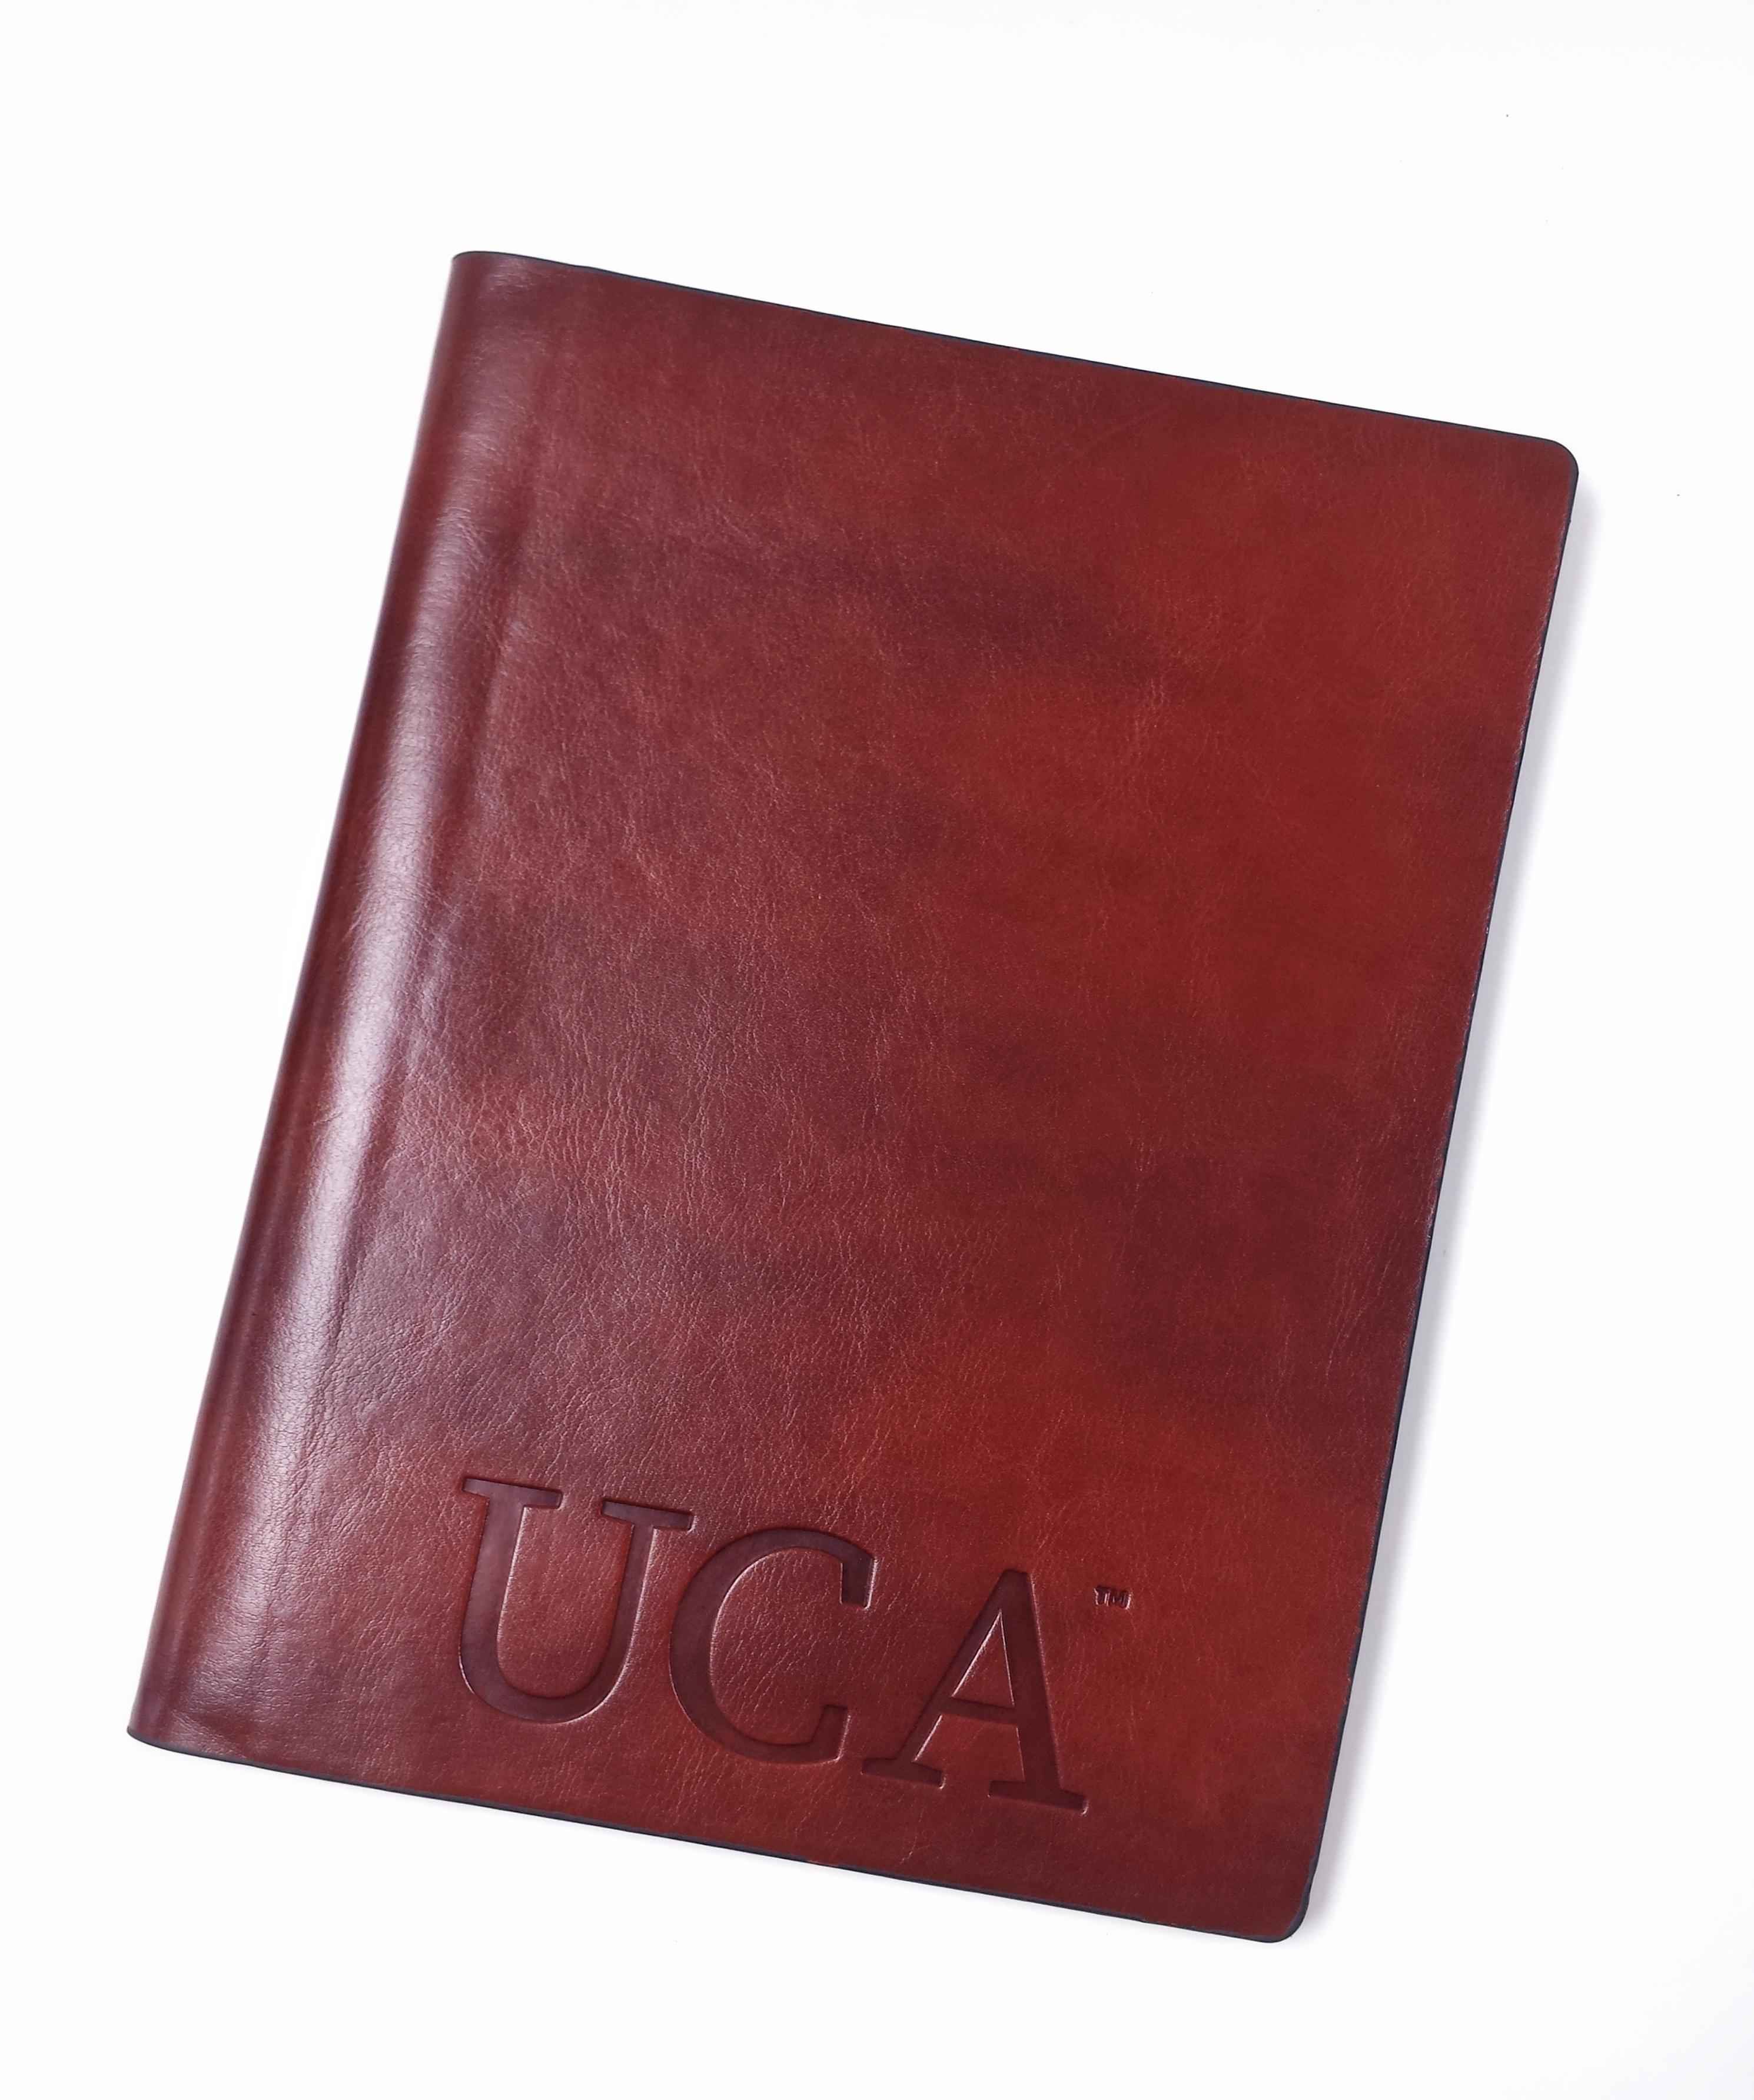 UCA Campus Padfolio